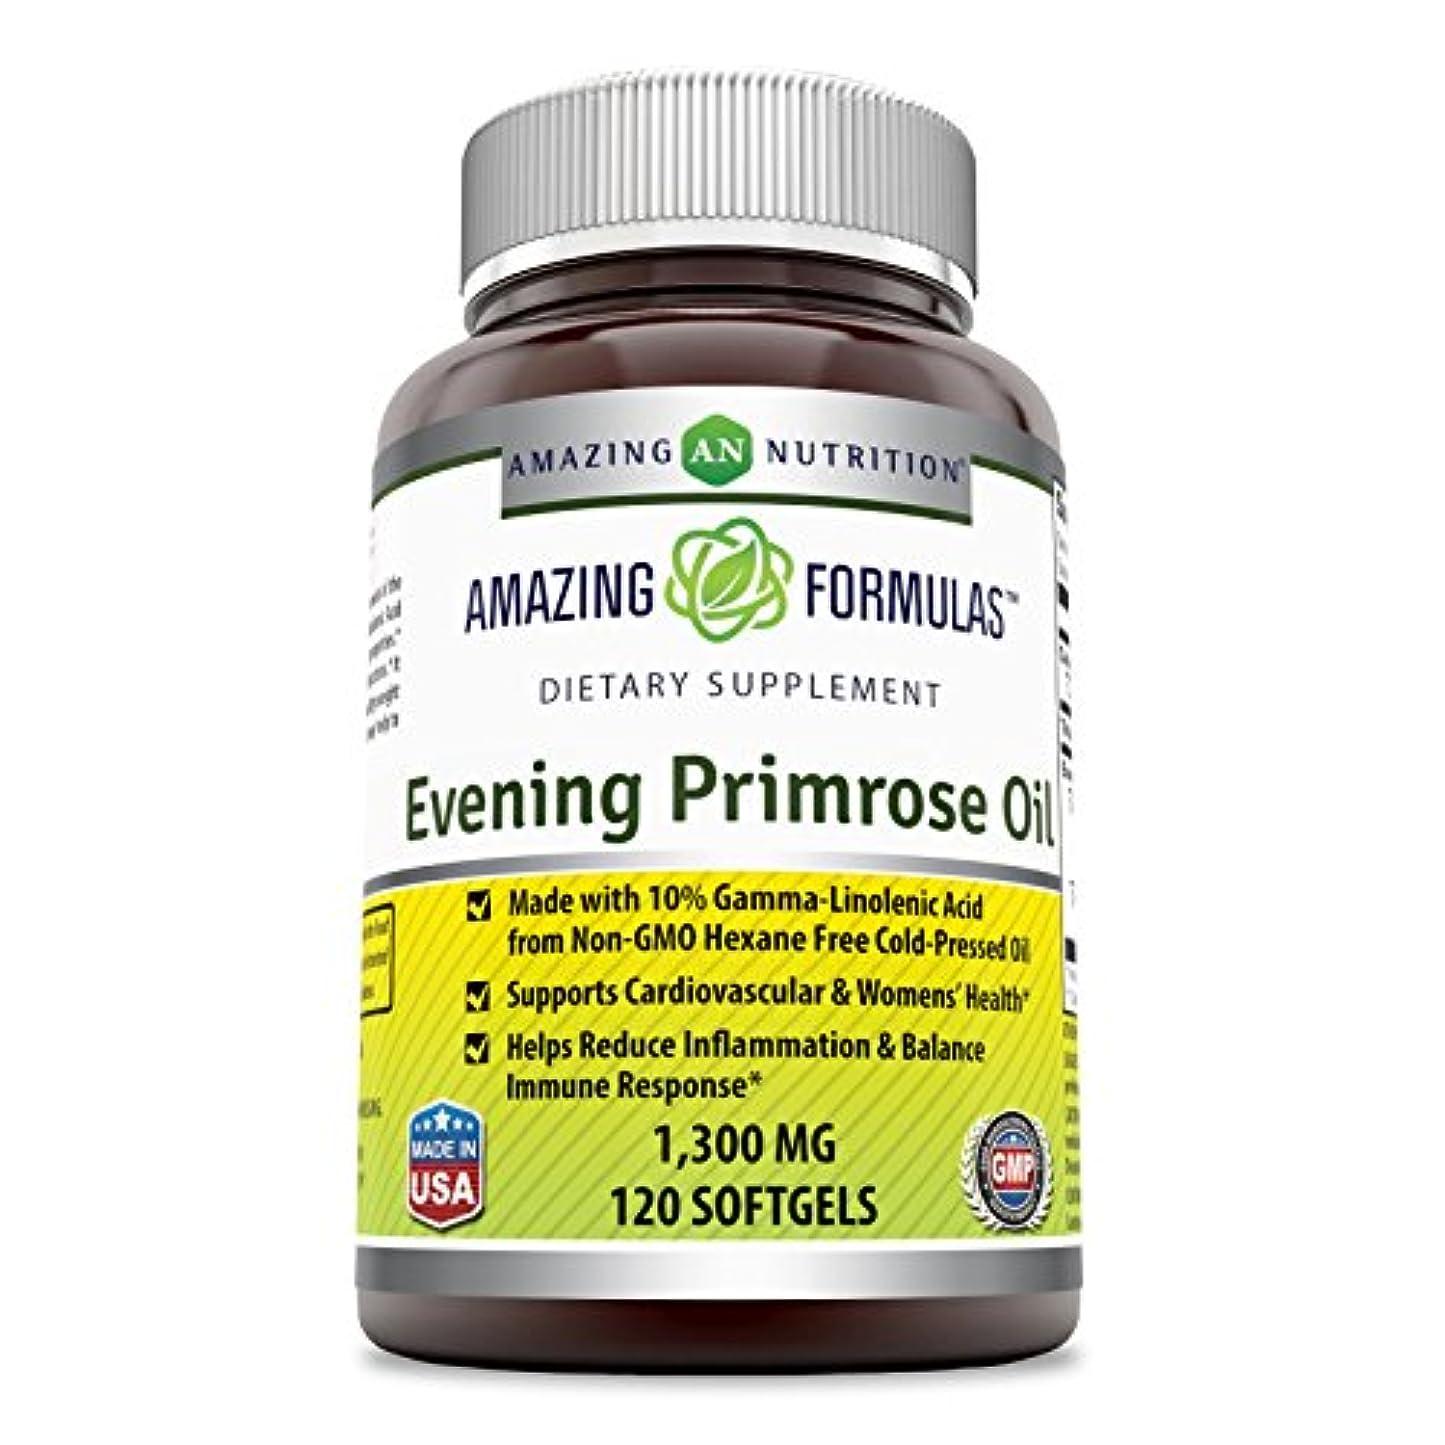 ぴかぴかコントロール邪魔Amazing Formulas Evening Primrose Oil 1300 Mg 120 Softgels - High Potency- Made with 10% Gamma Linoleic from Non-GMO...